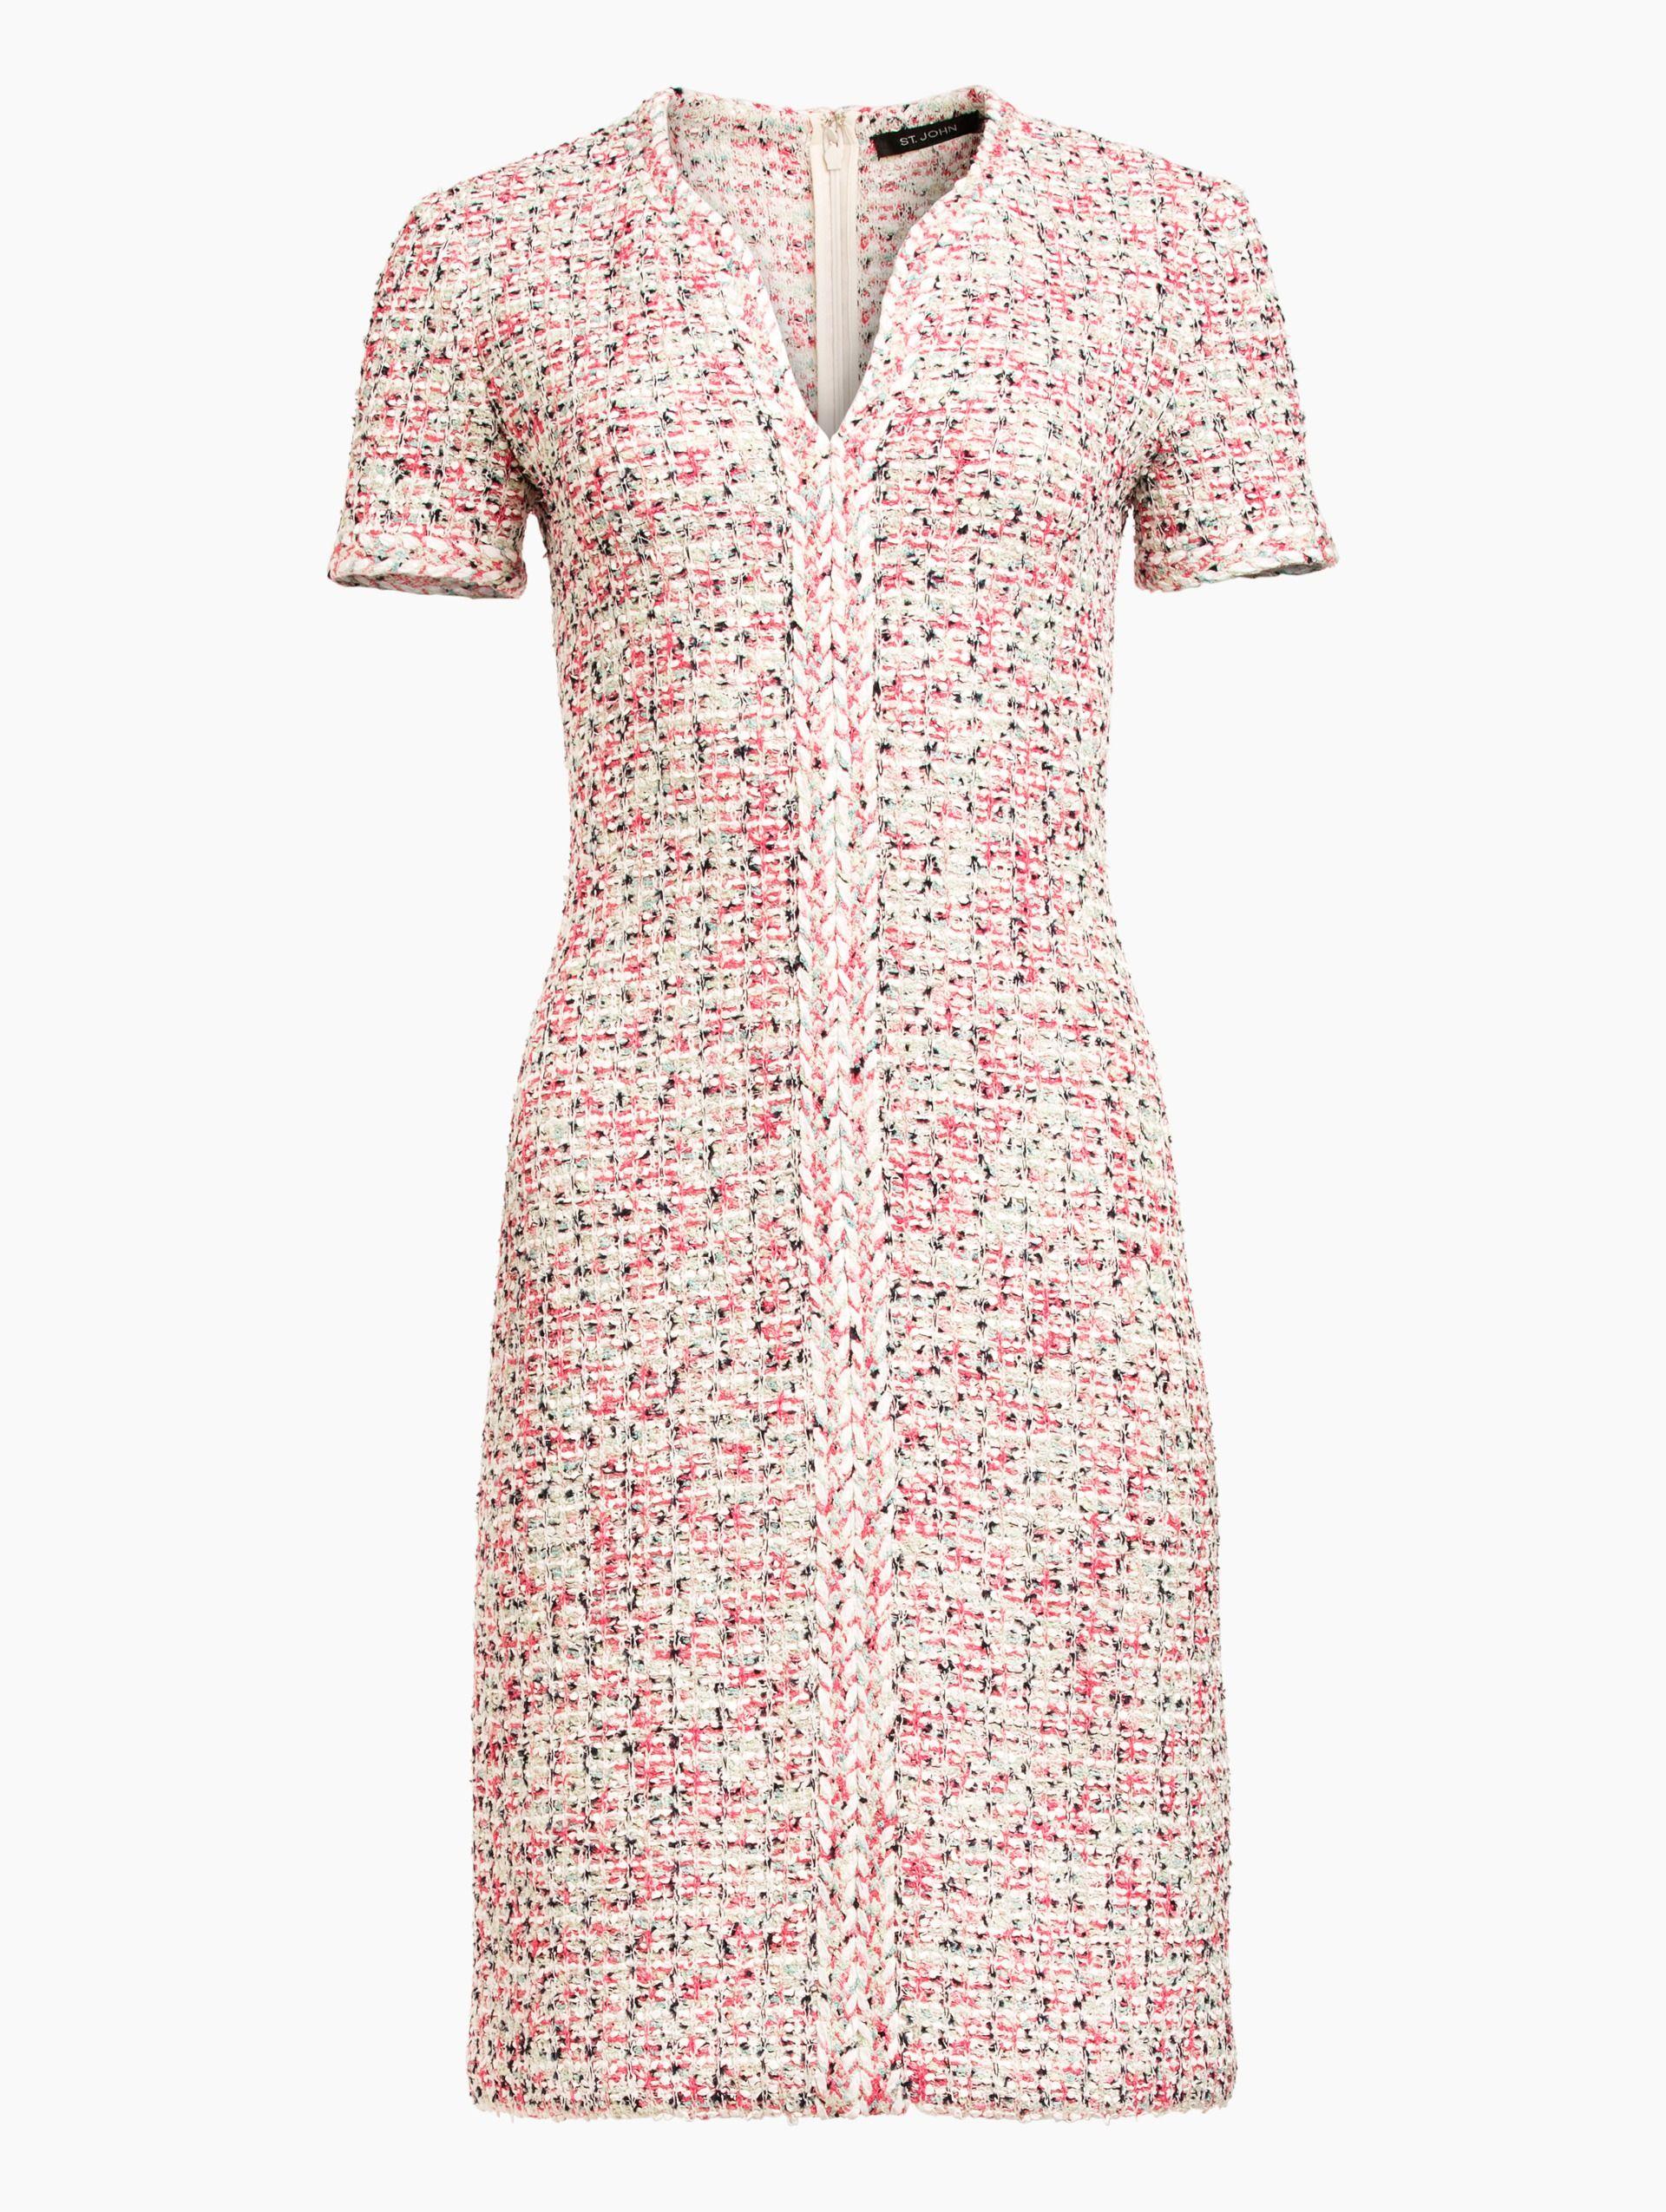 Saint John Modern Pointale Knit V-Neck A-Line Dress